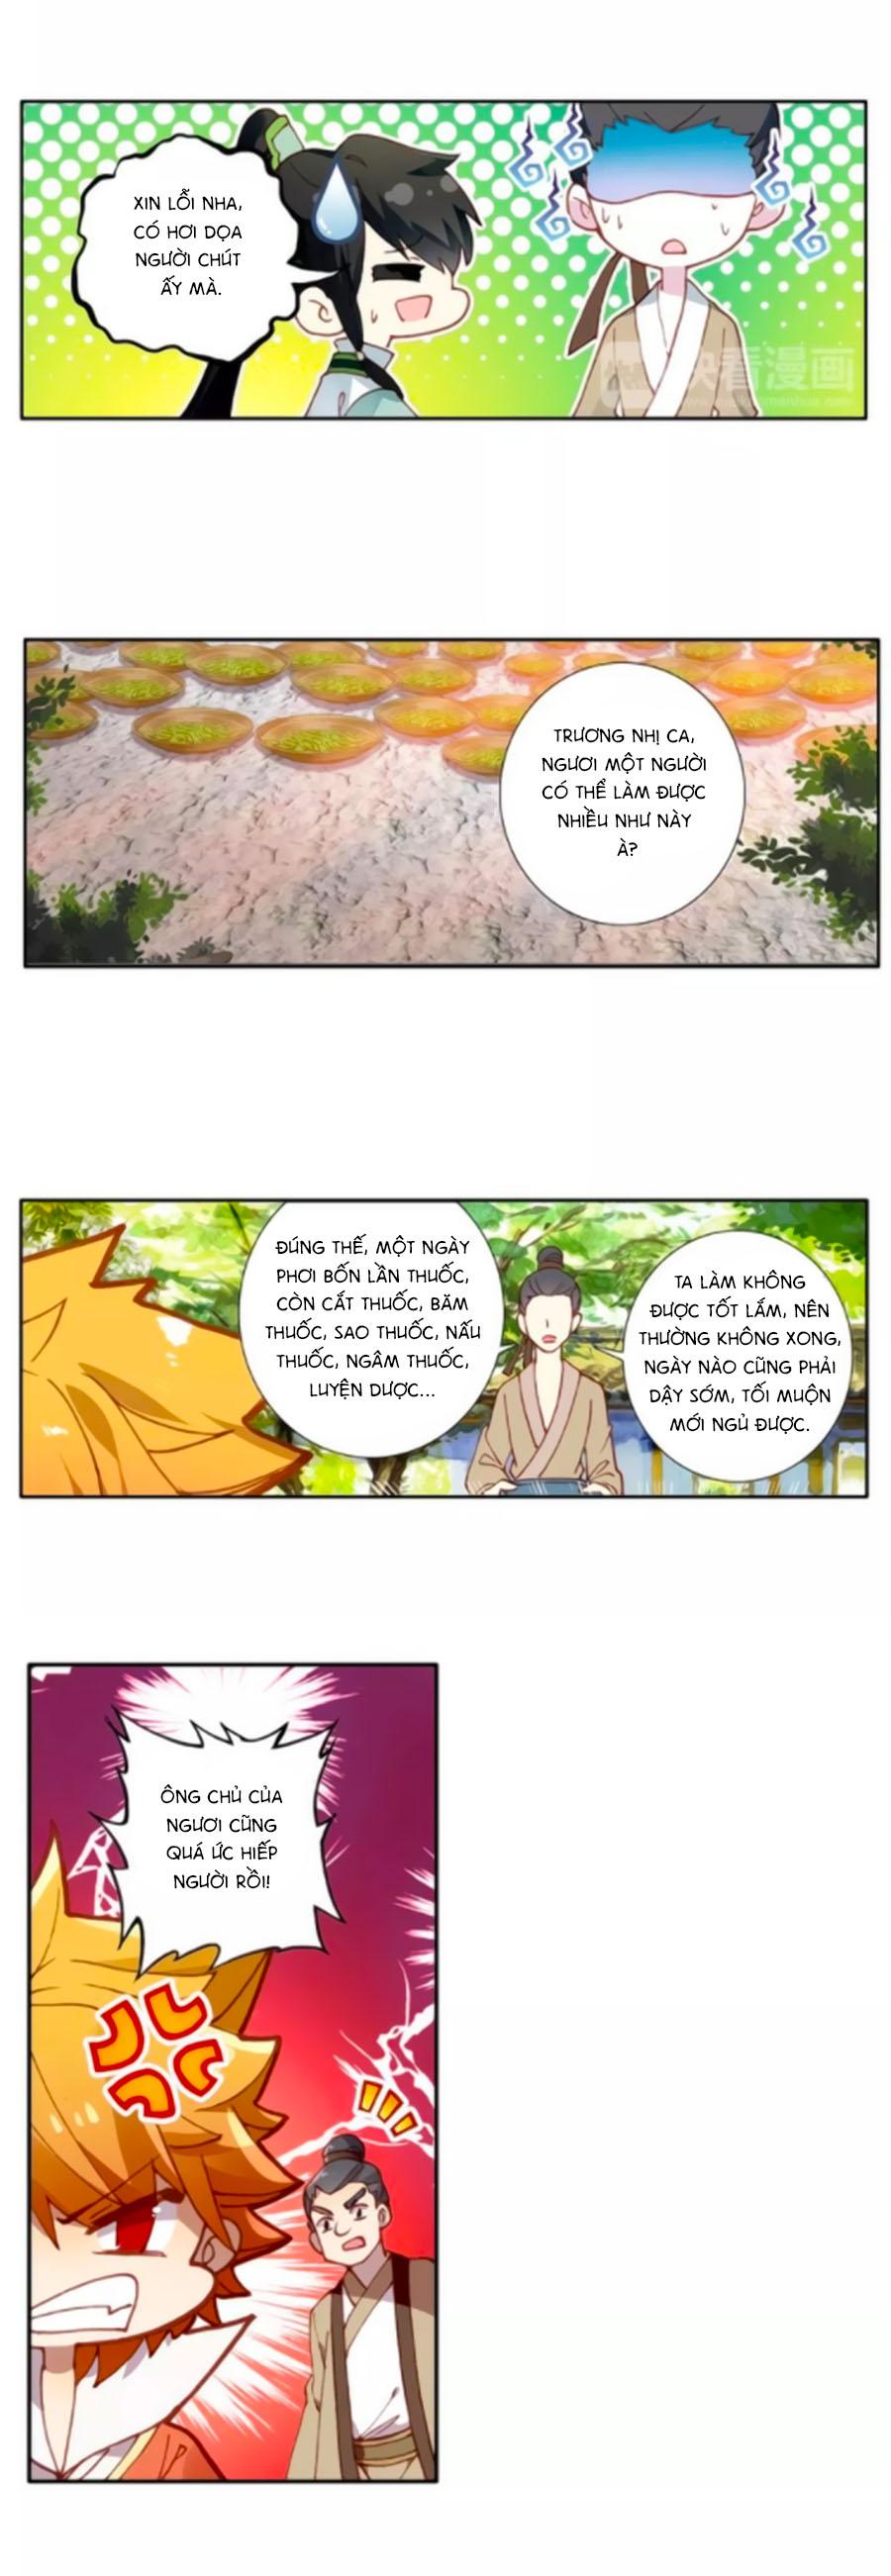 Trâm Trung Lục trang 13